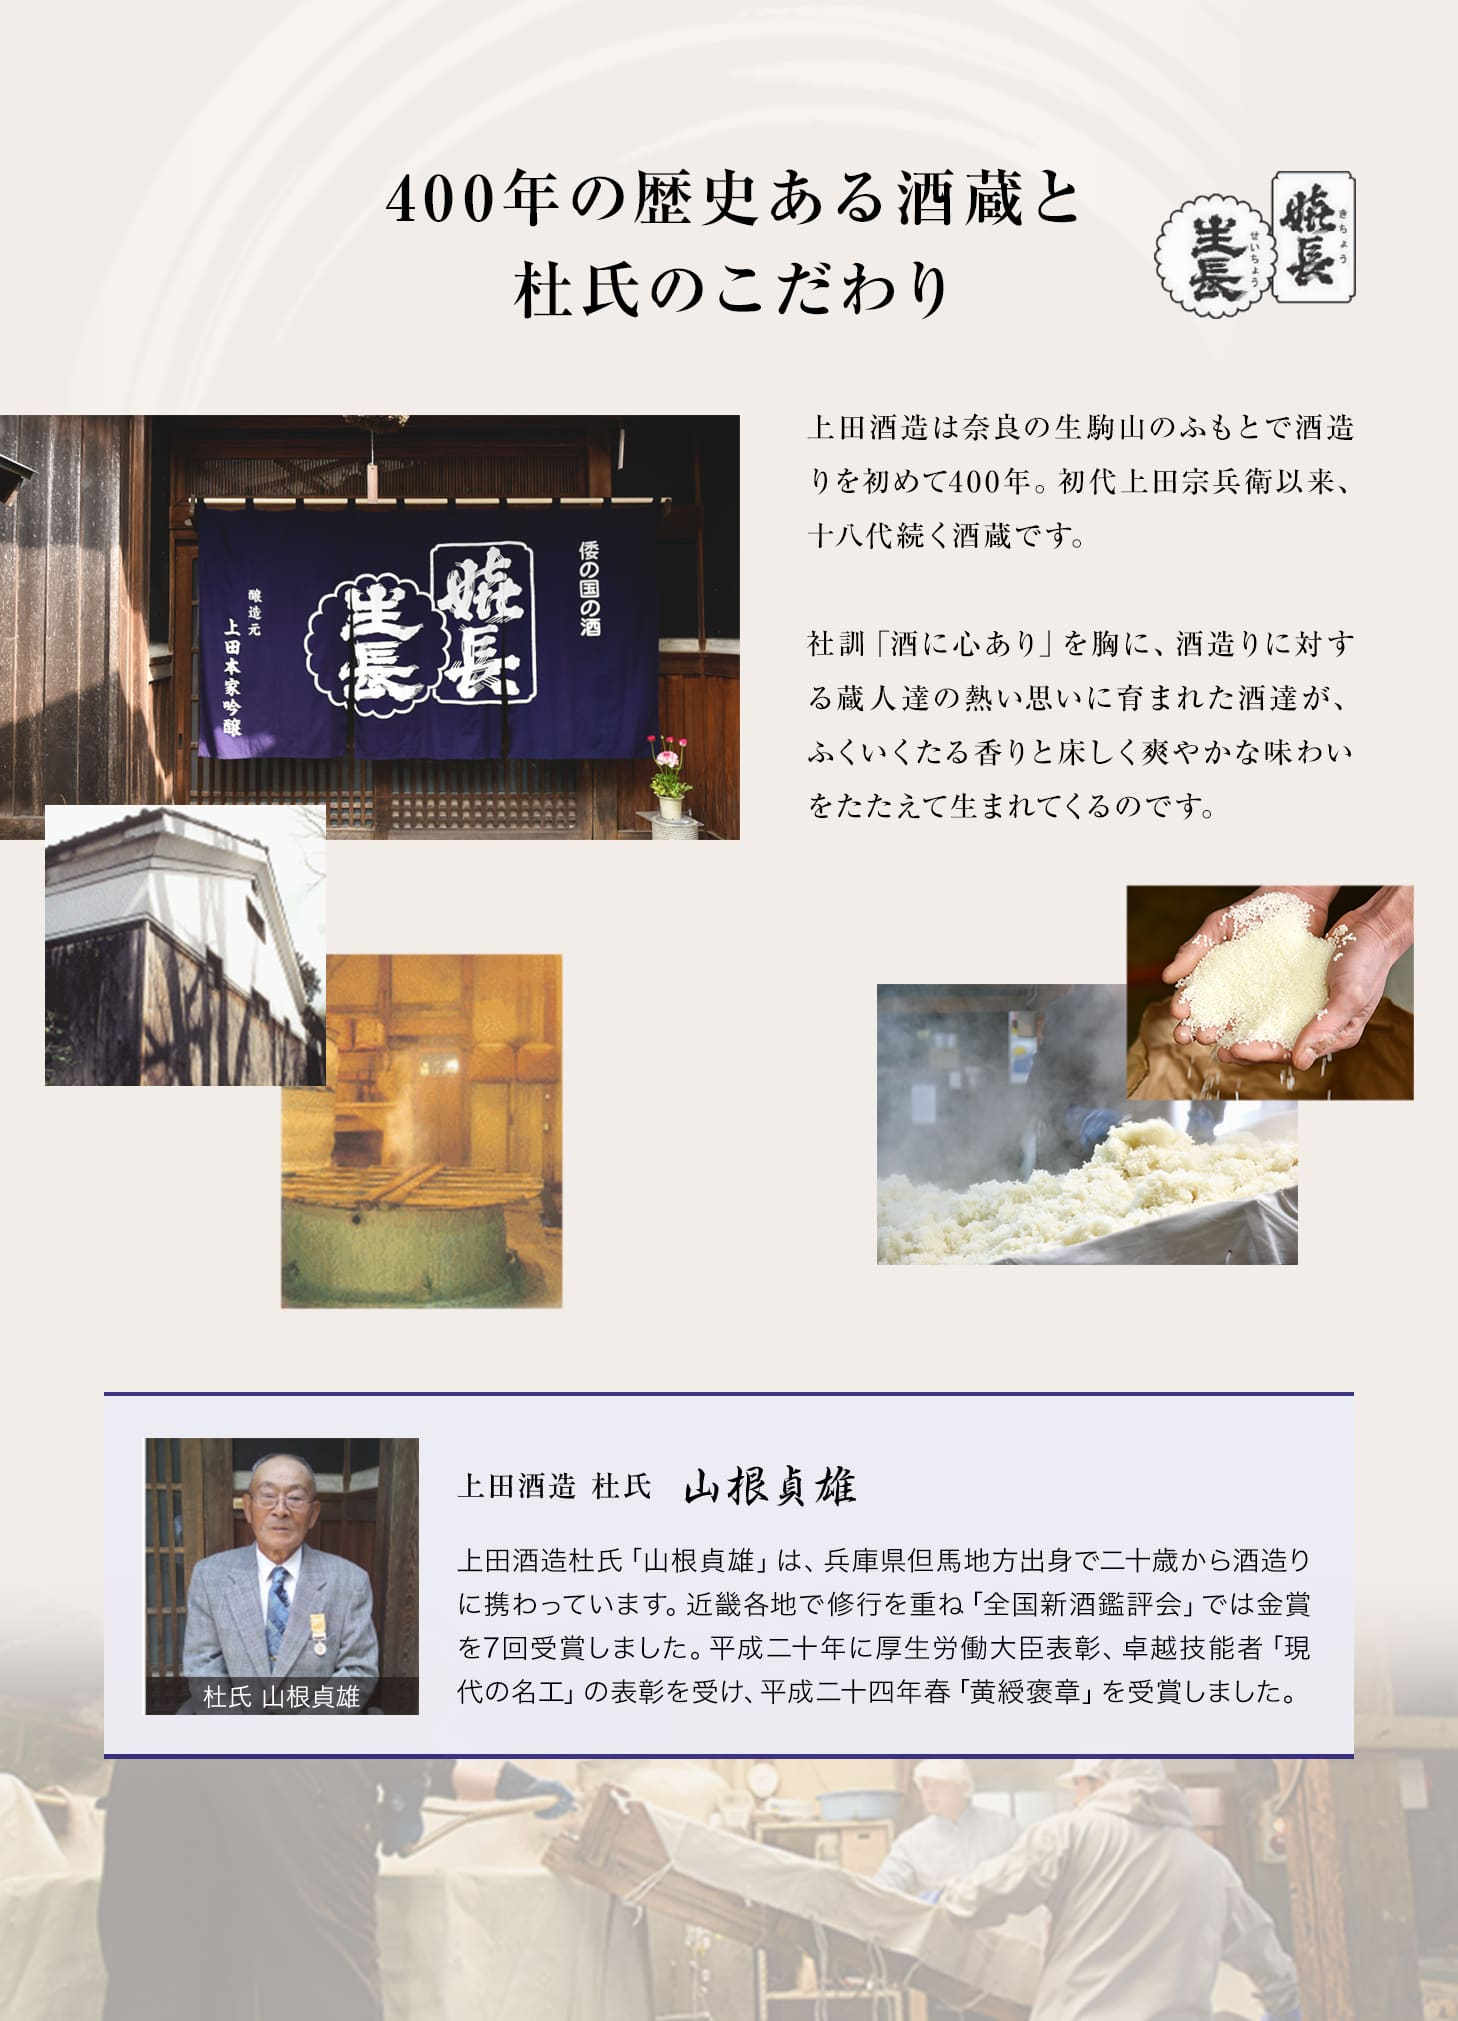 400年ある歴史ある酒蔵と杜氏のこだわり